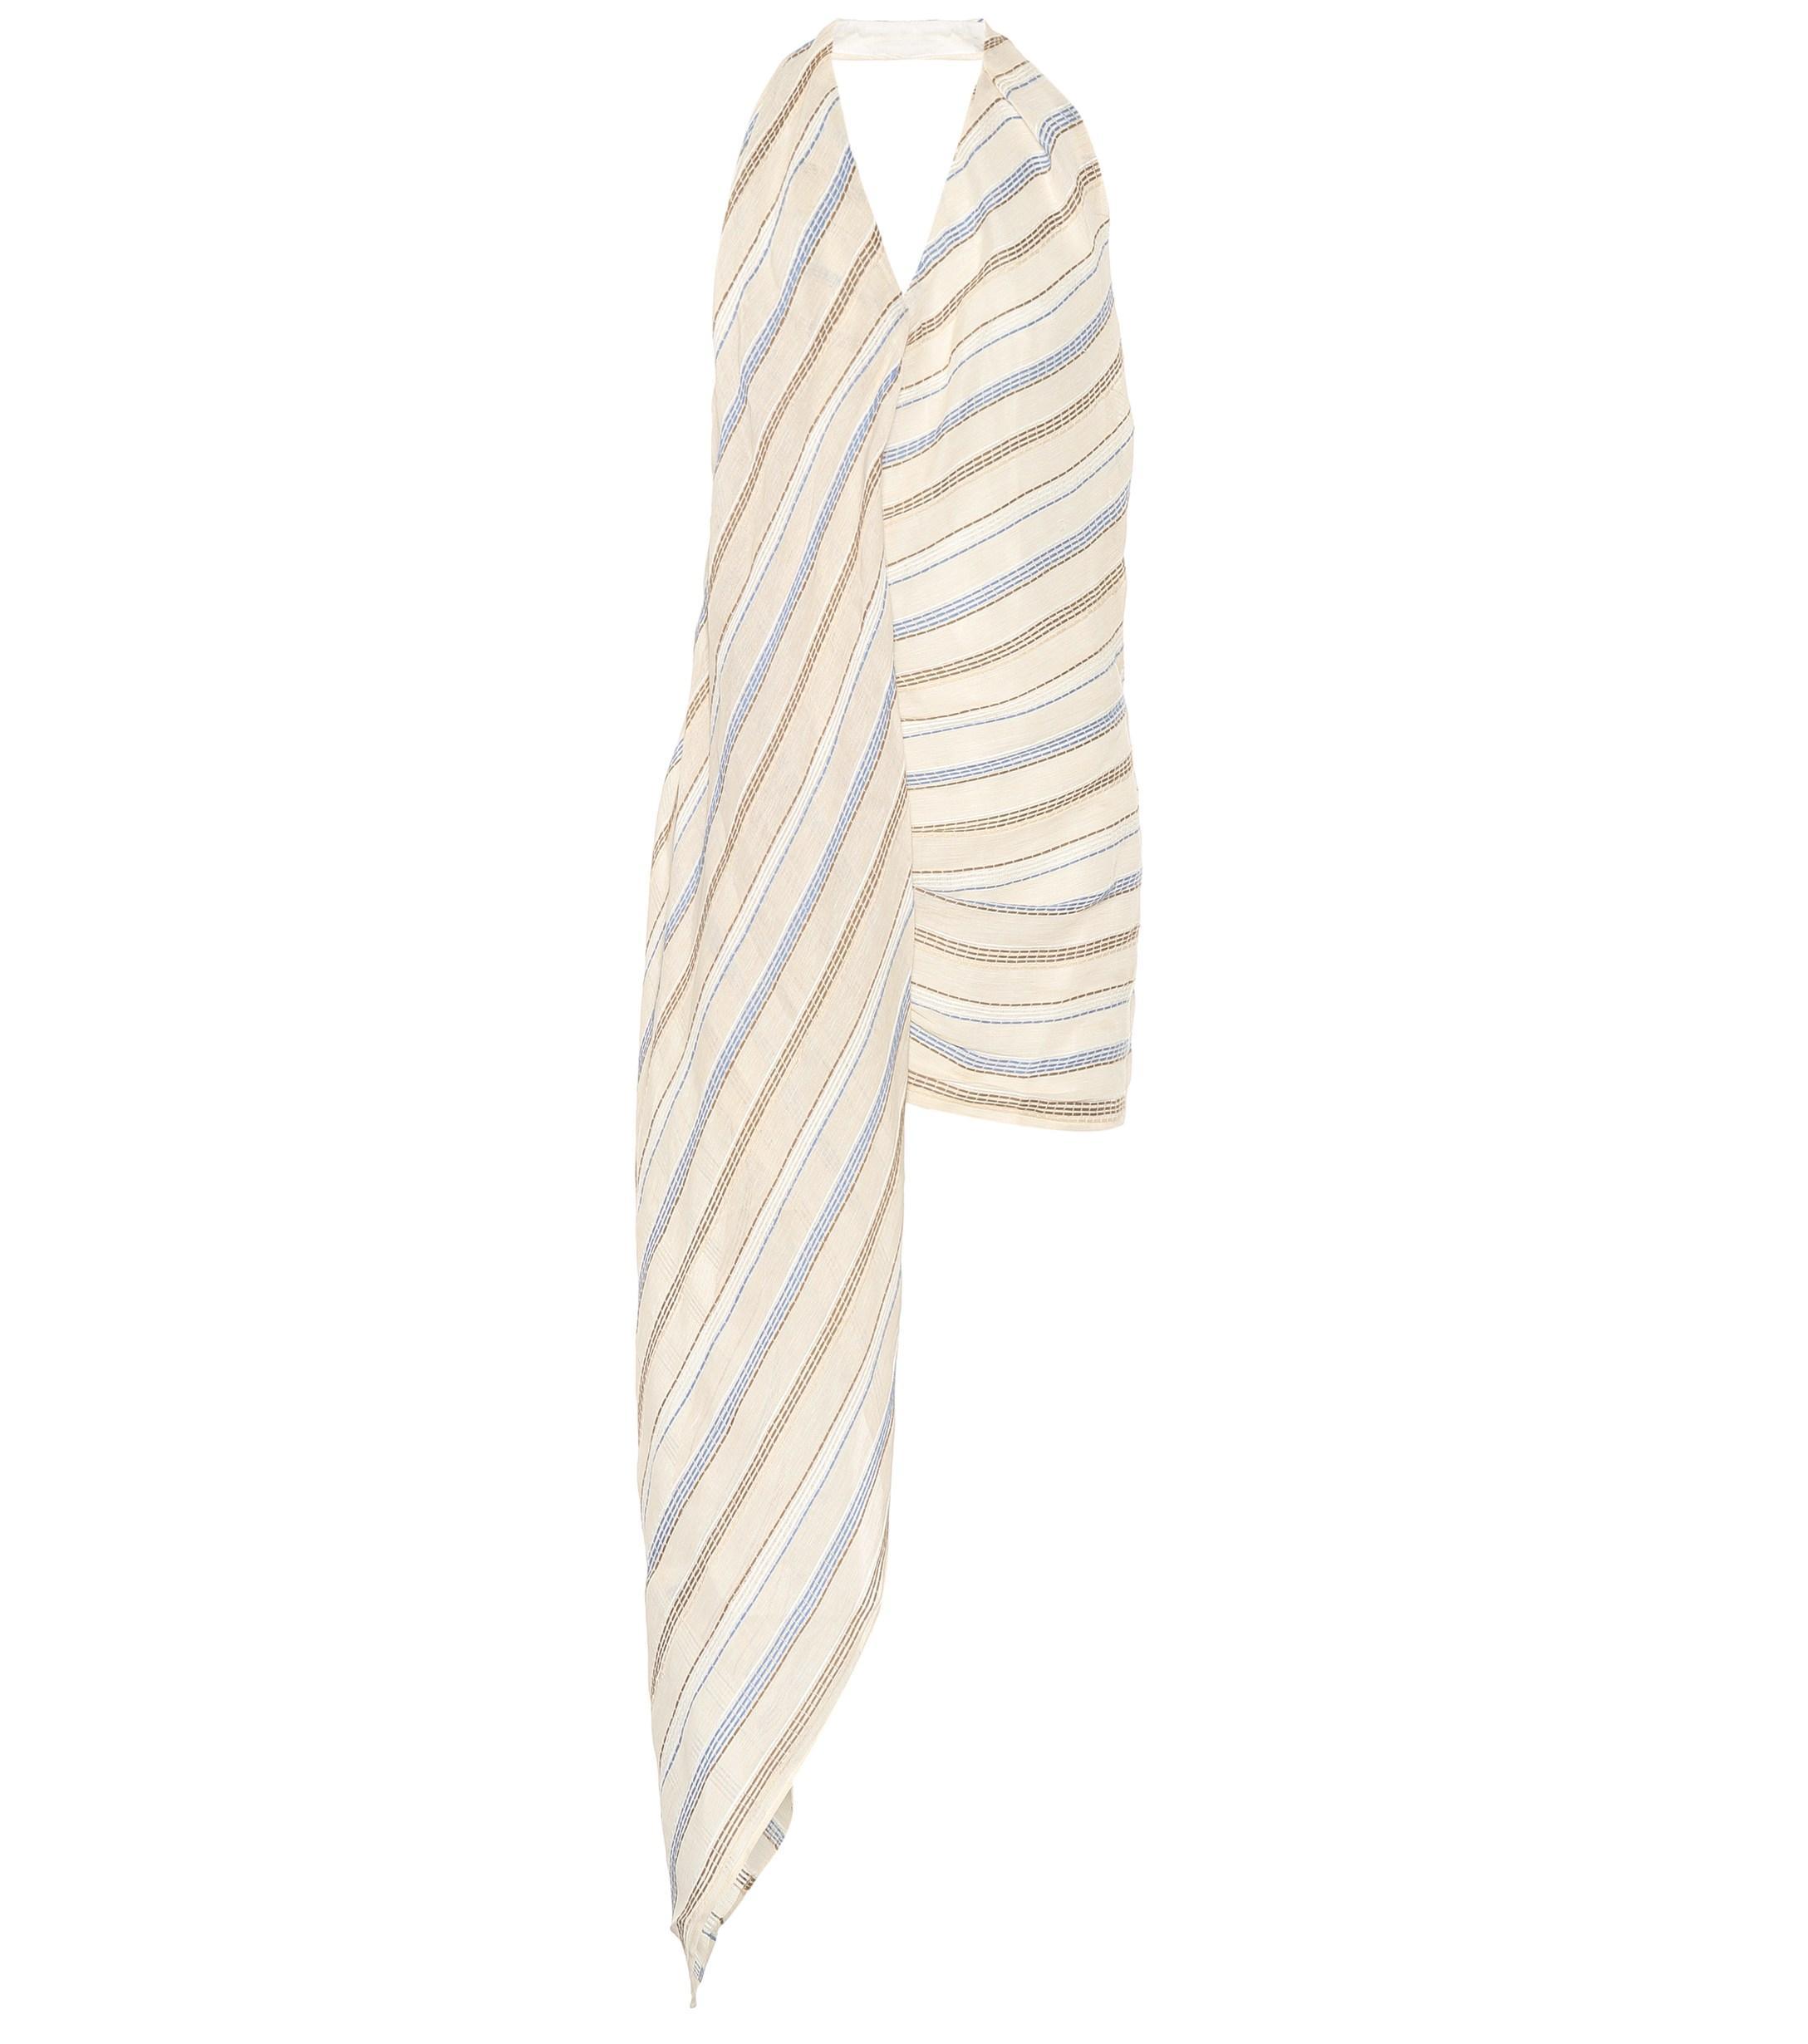 e15ecfc268b Jacquemus. Women s Natural Spezia Cotton And Linen Blend Halterneck Dress